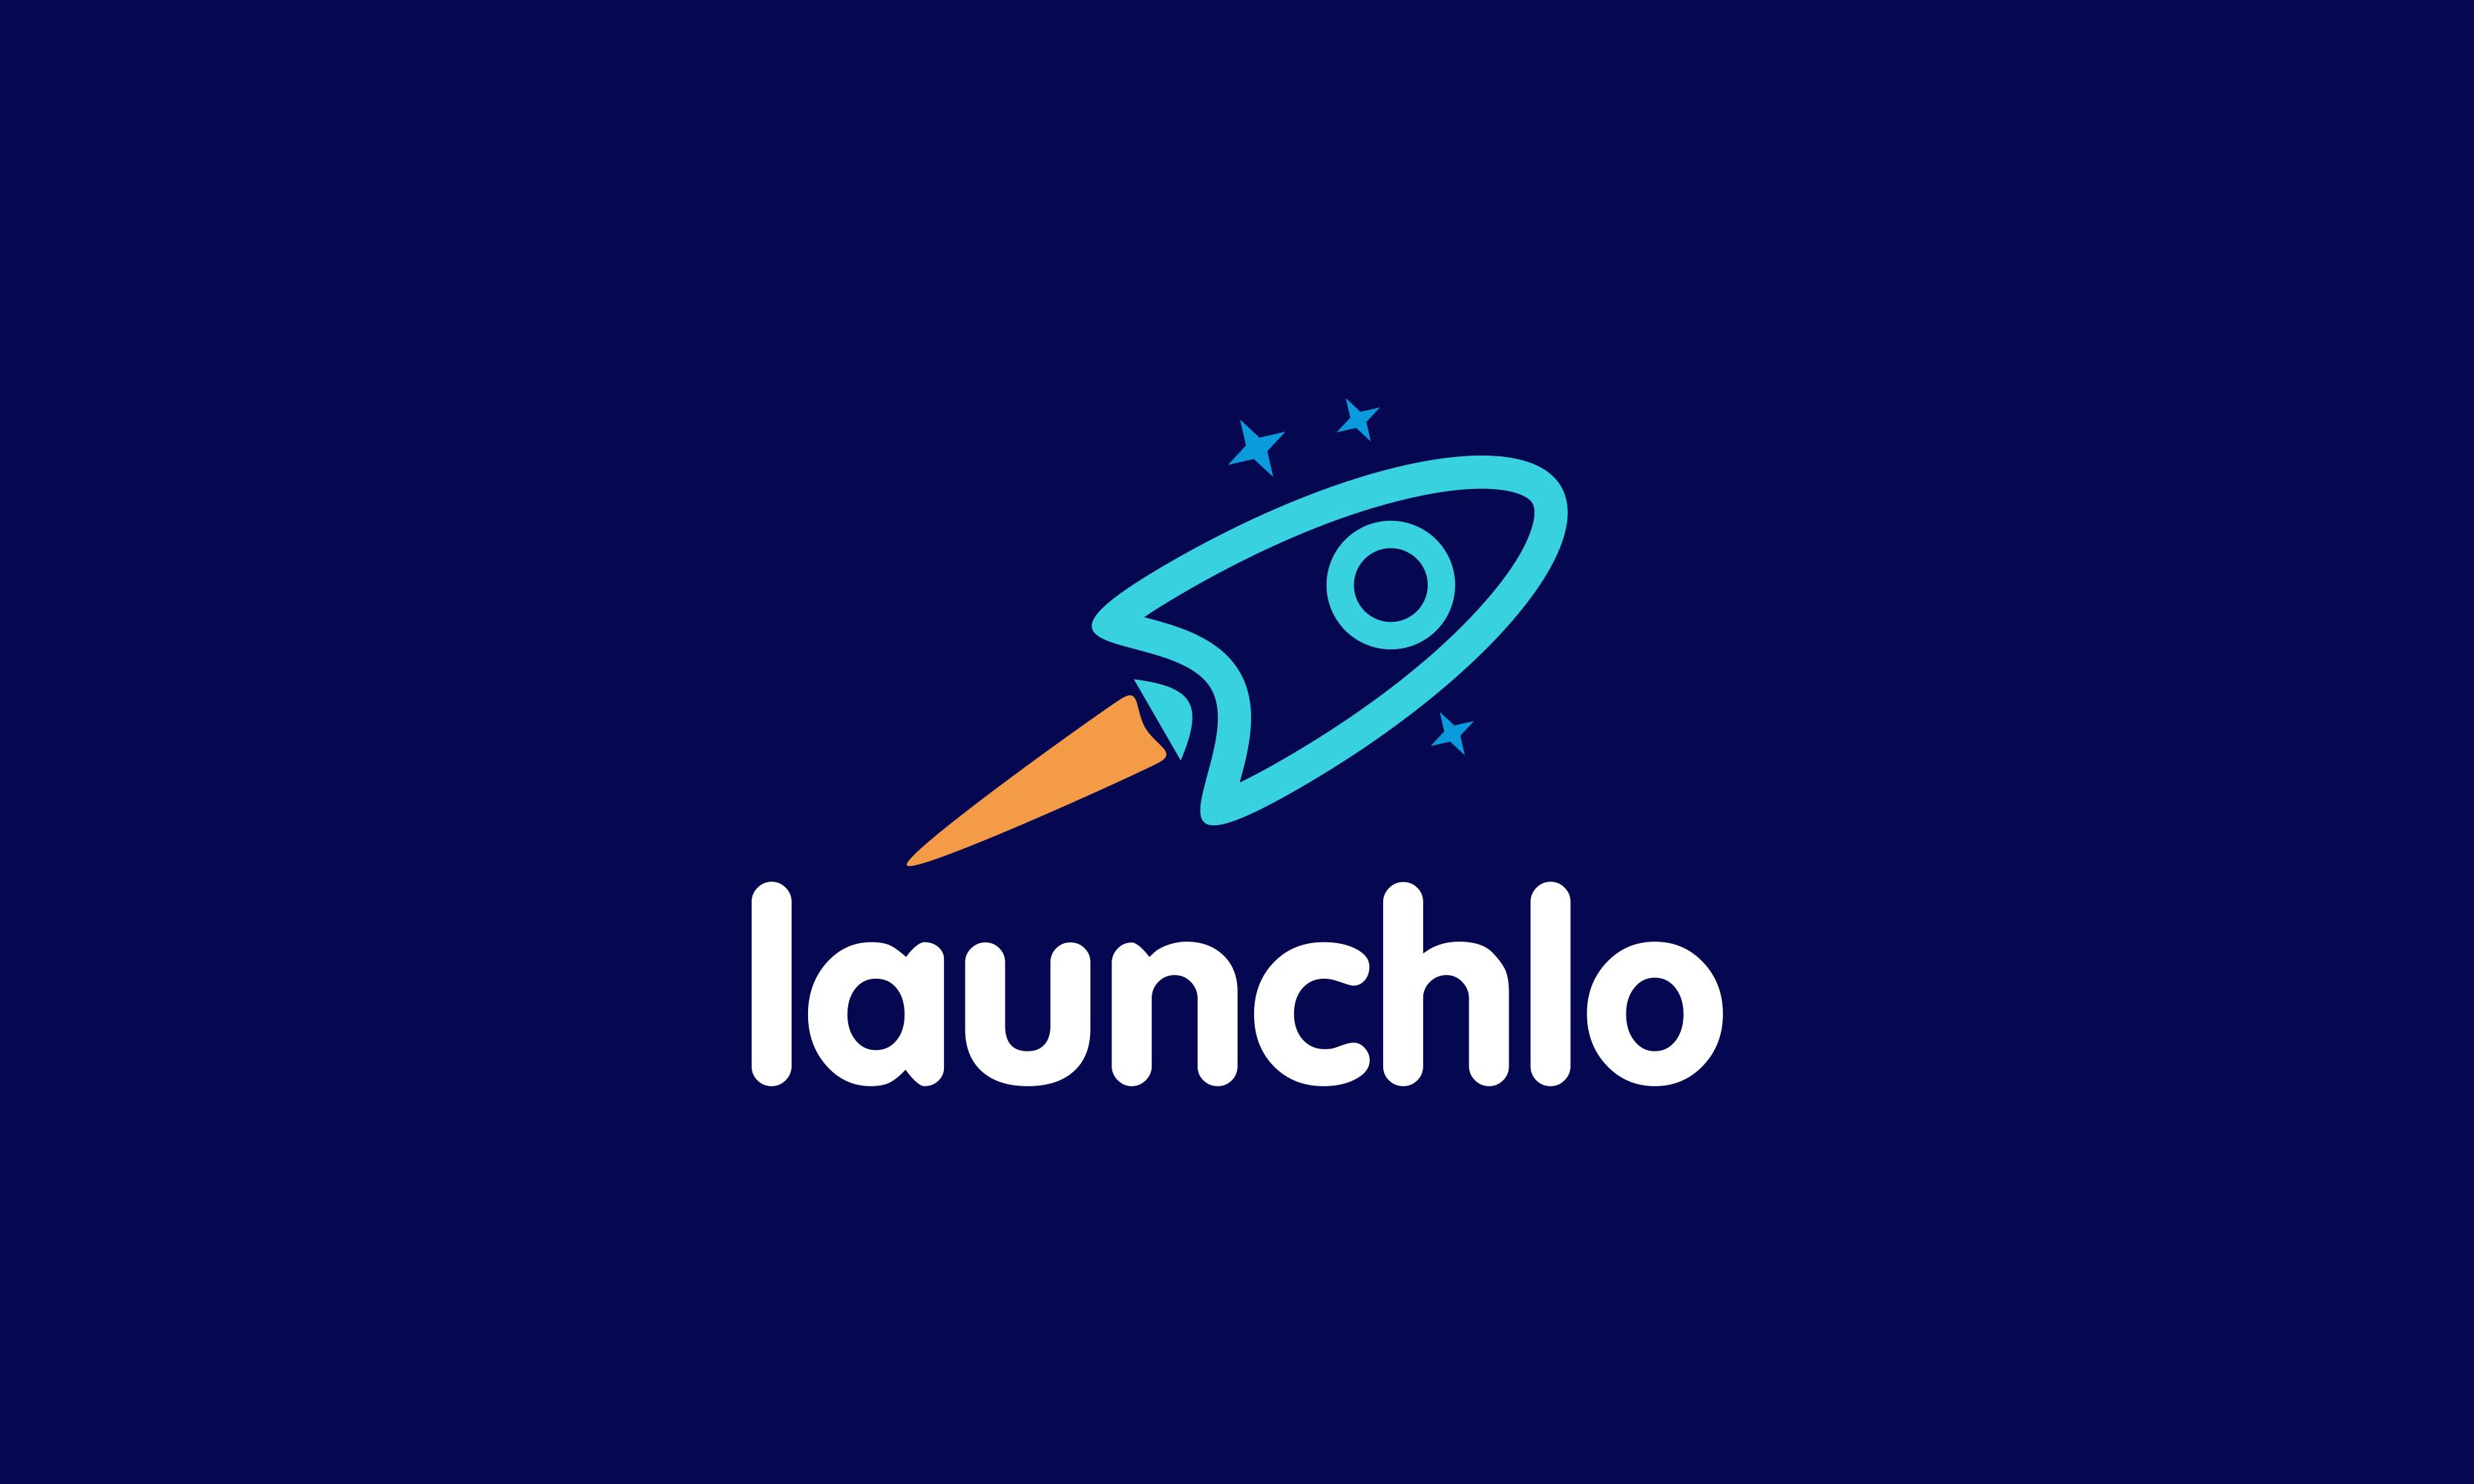 Launchlo